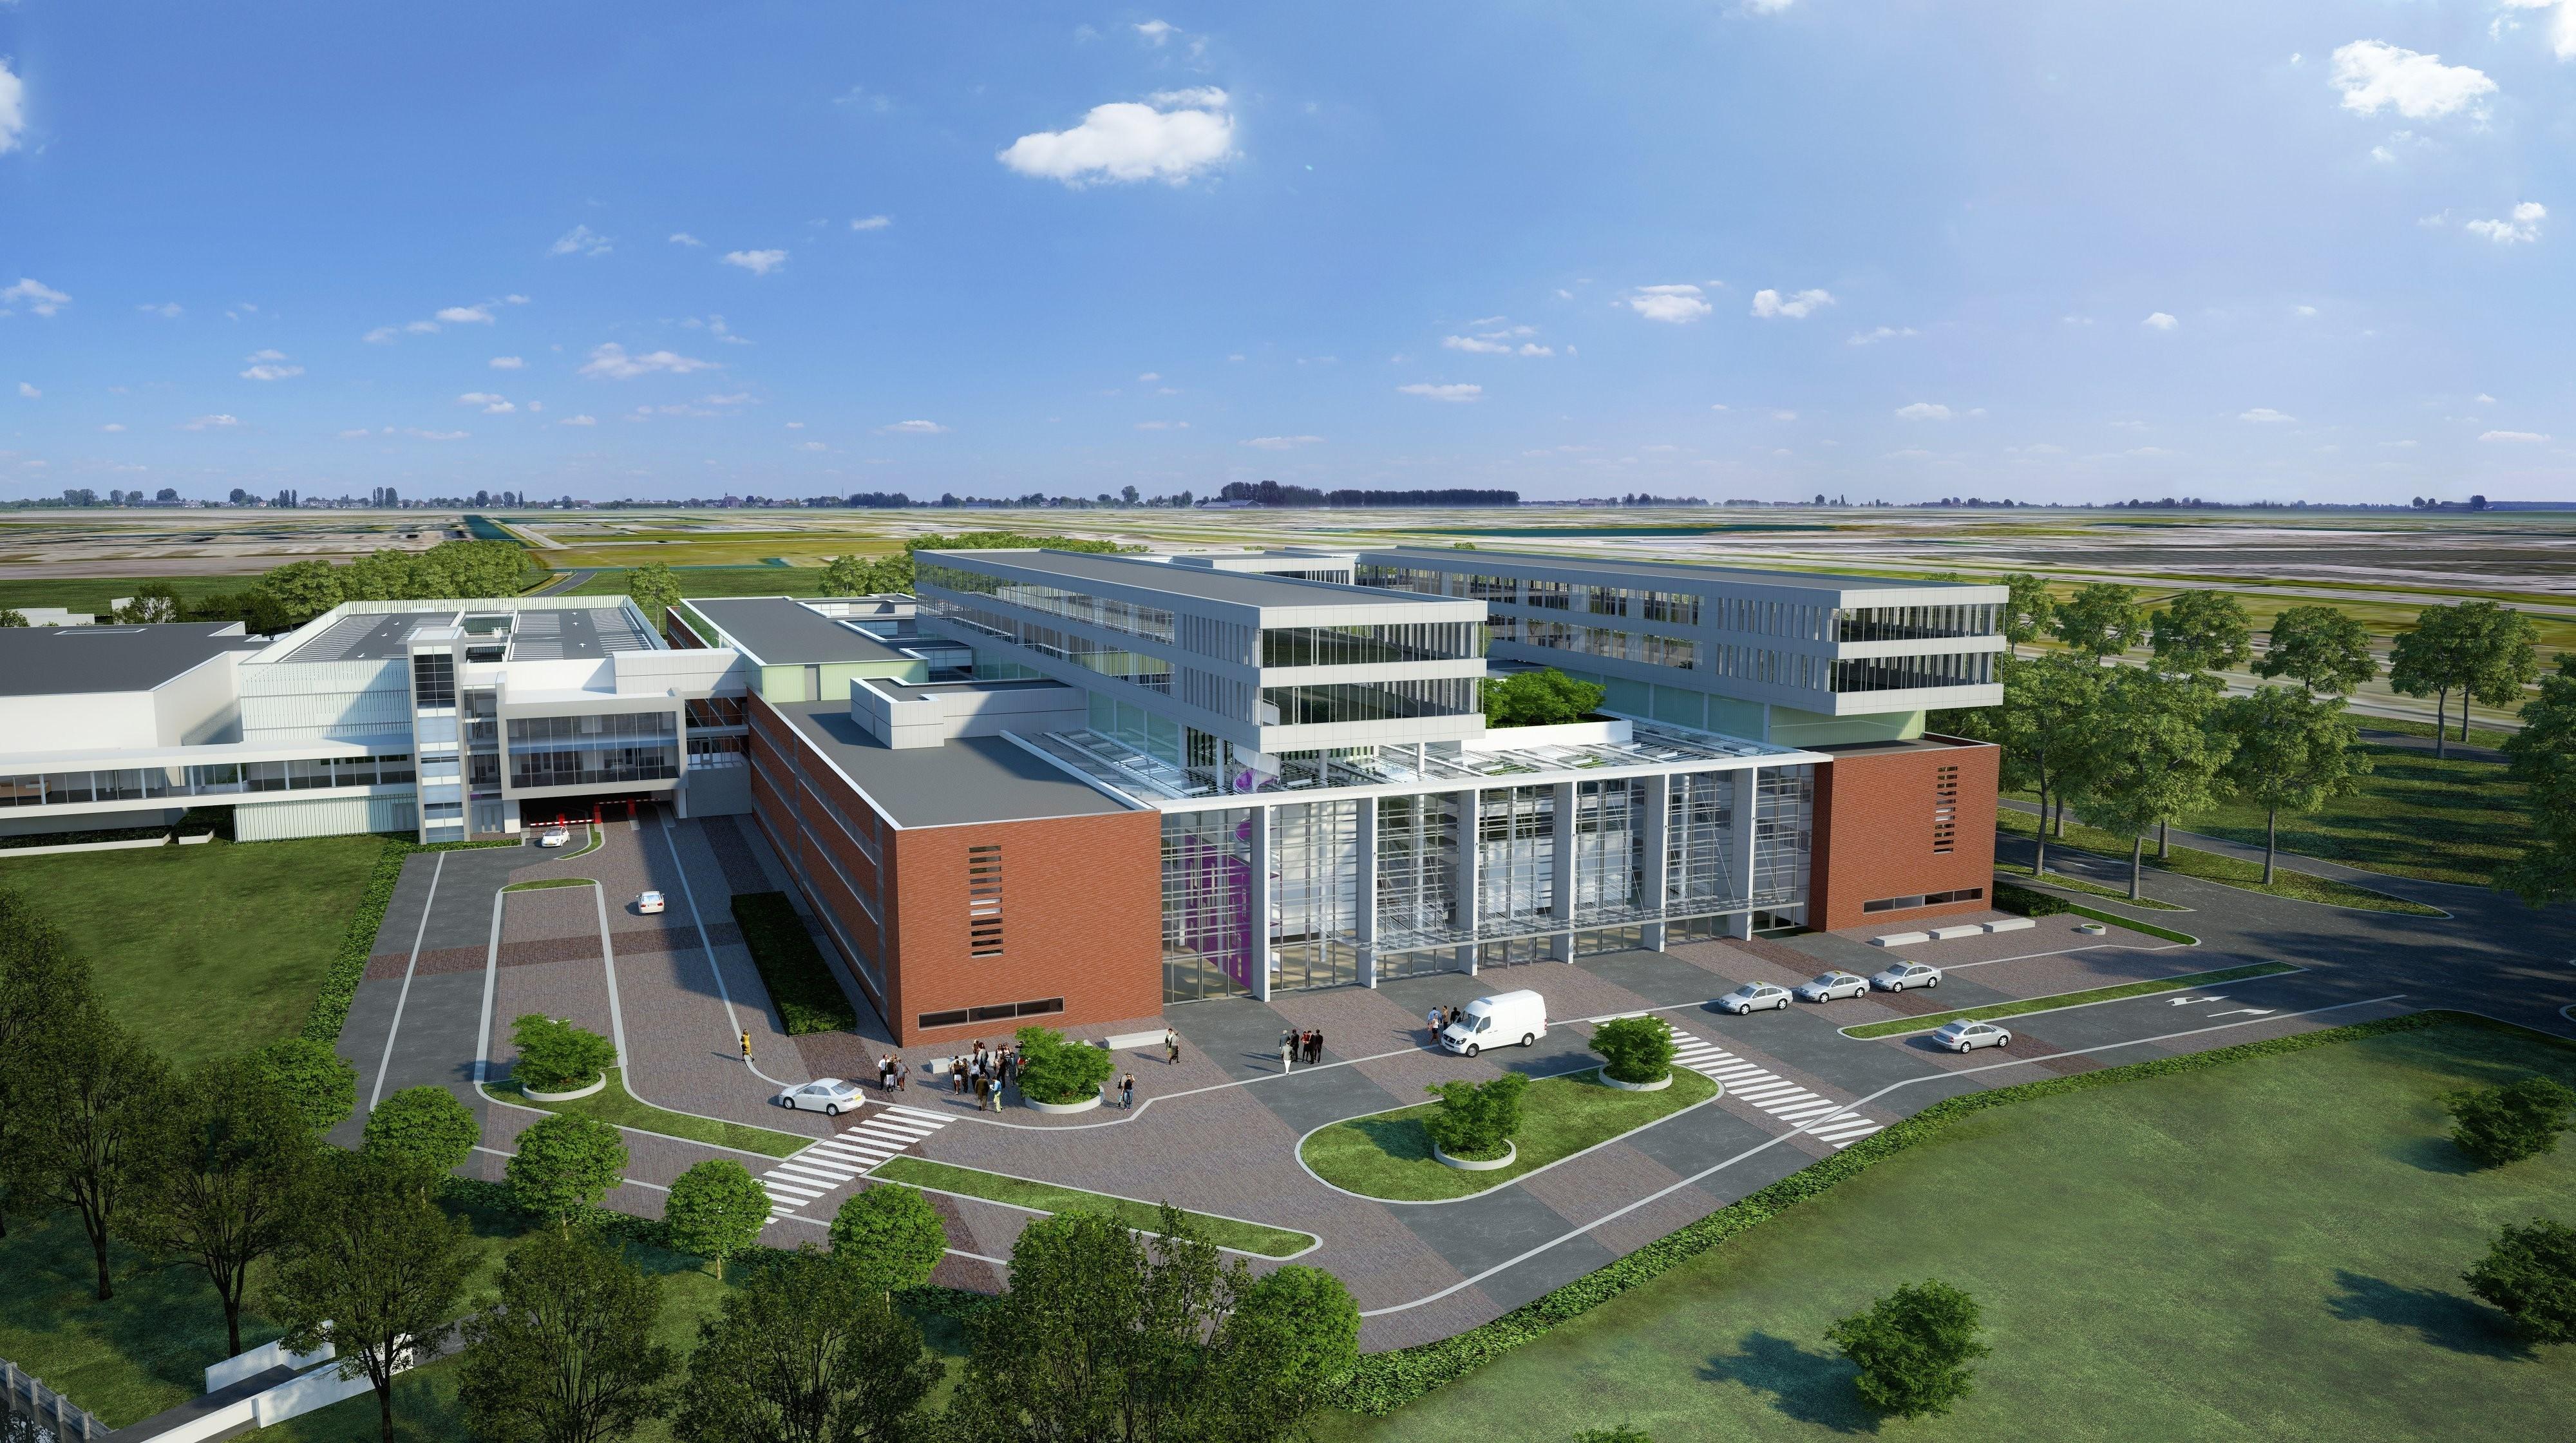 Klant: Antionius Ziekenhuis Leidsche Rijn Utrecht Opdracht: i.o.v. ULC Elektra bv is een opleverinspectie uitgevoerd op de elektrotechnische installaties in het ziekenhuis